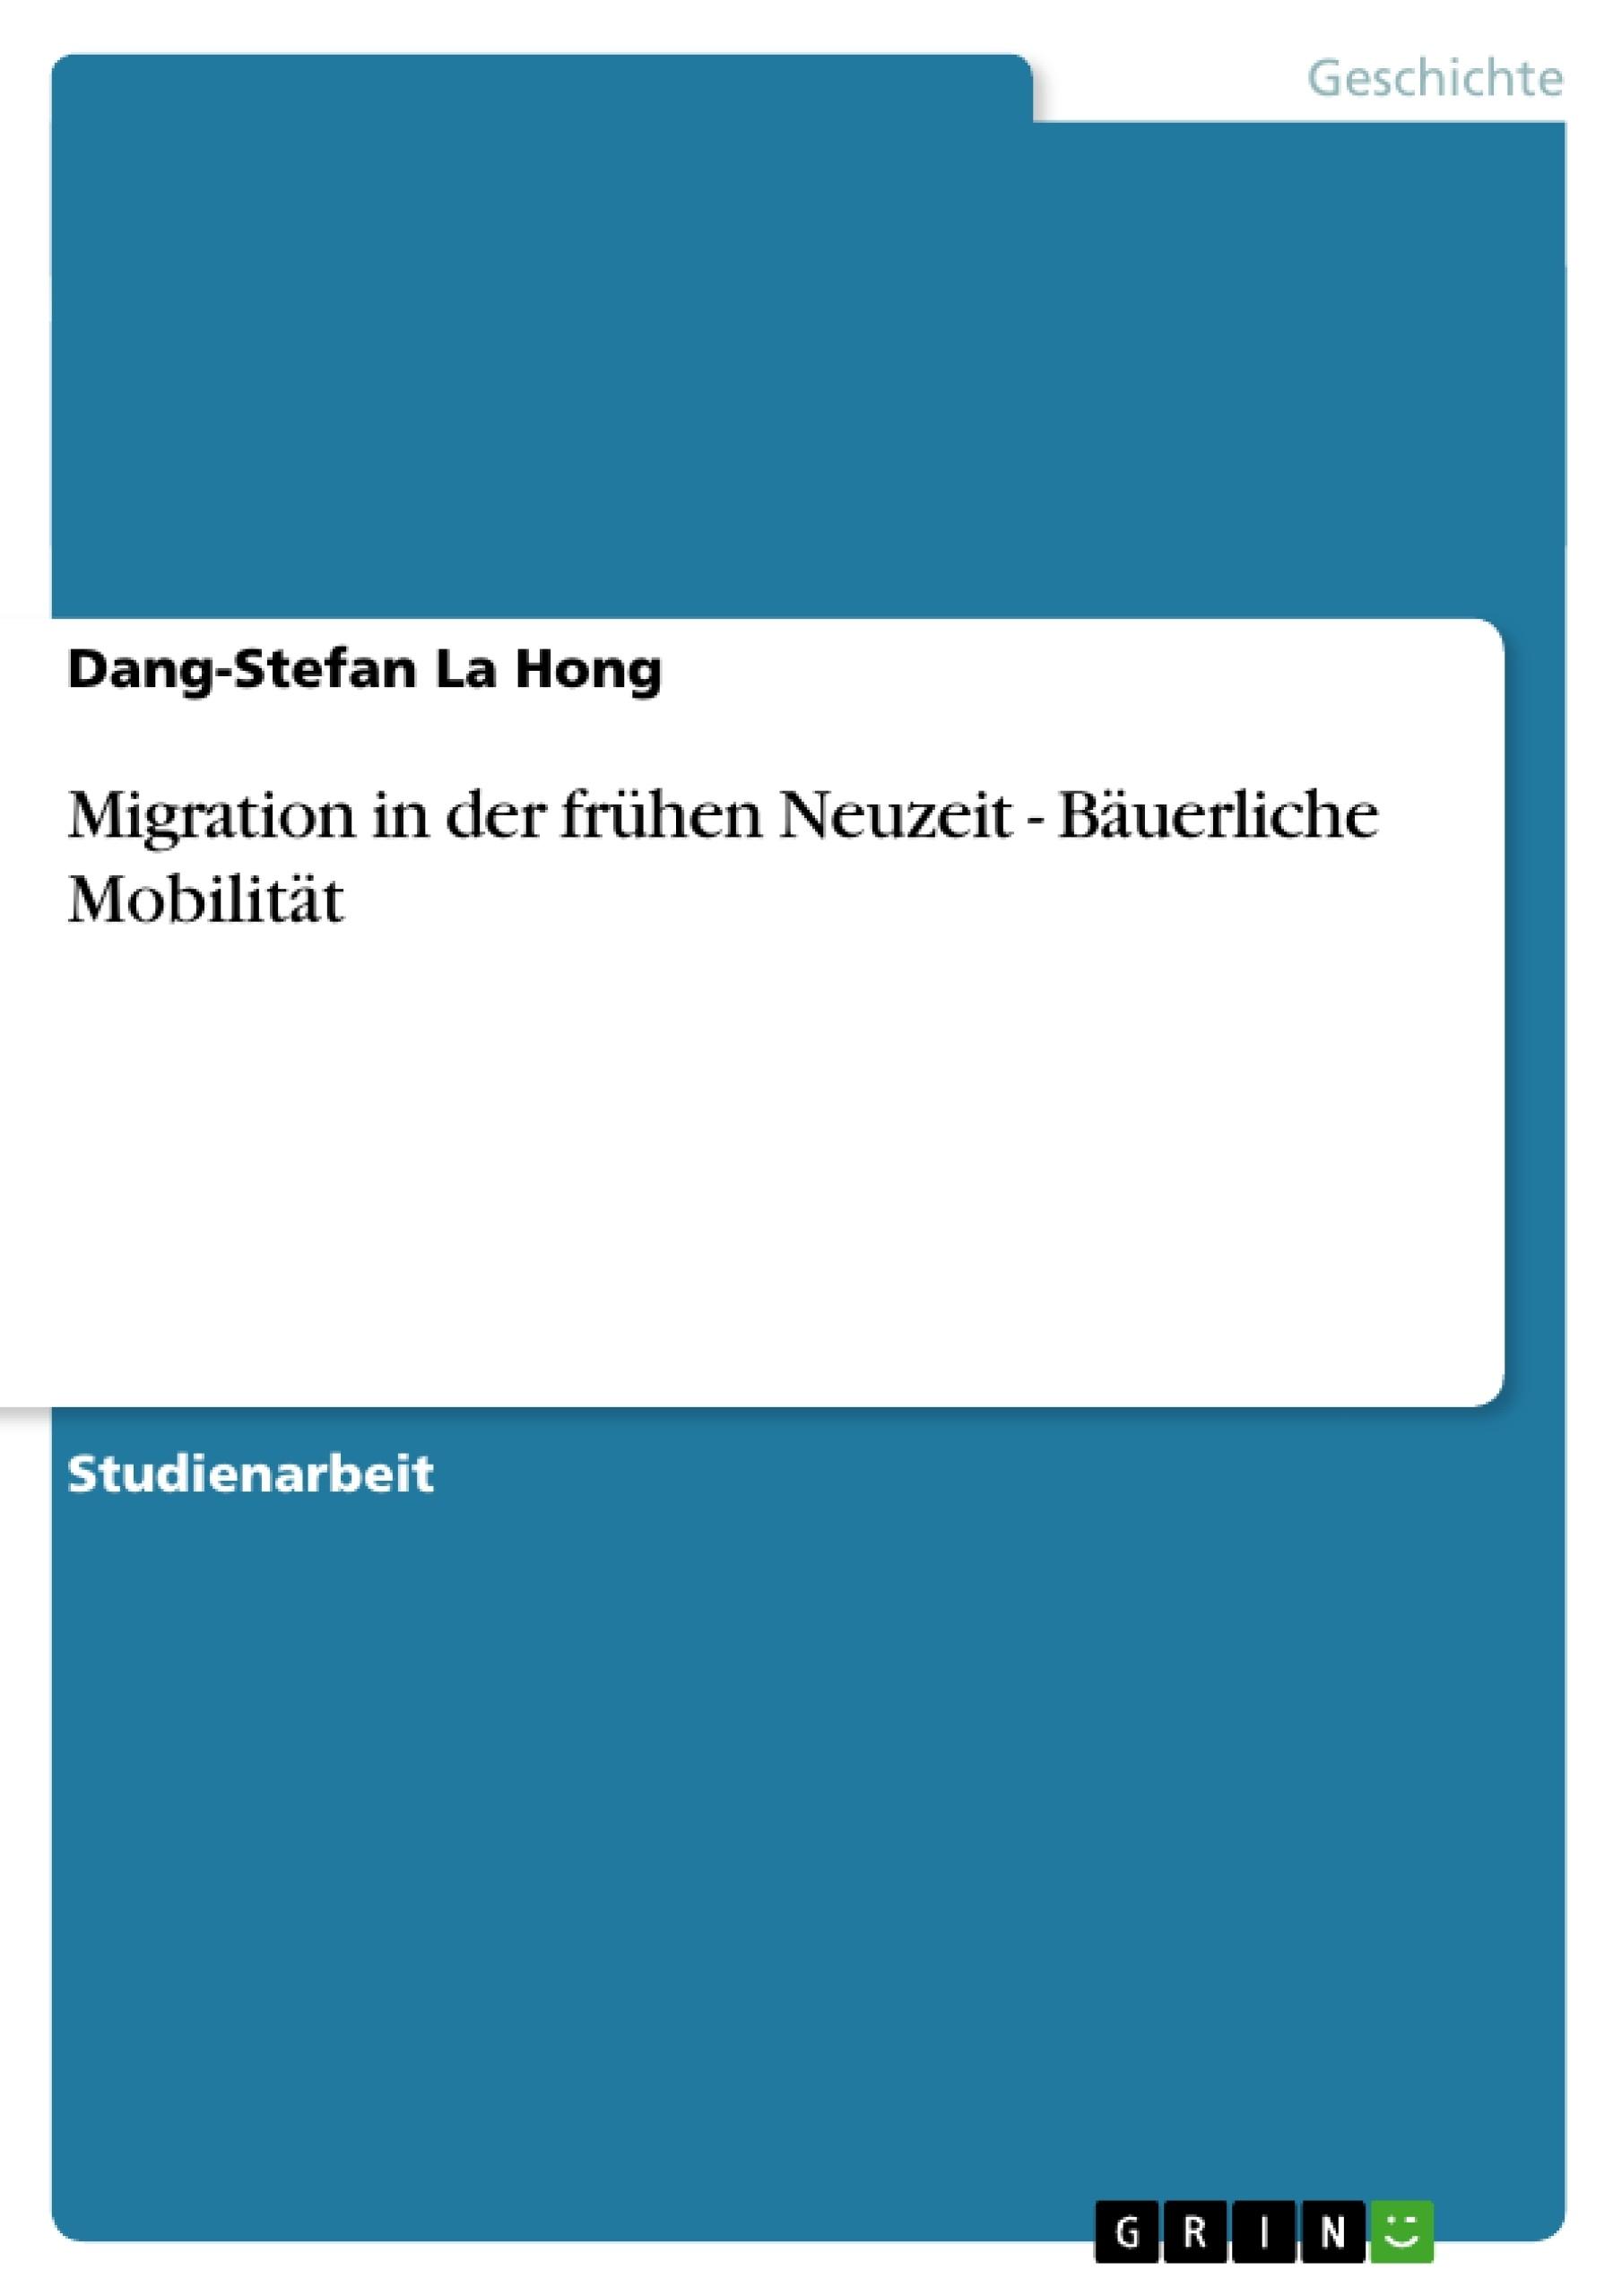 Titel: Migration in der frühen Neuzeit - Bäuerliche Mobilität